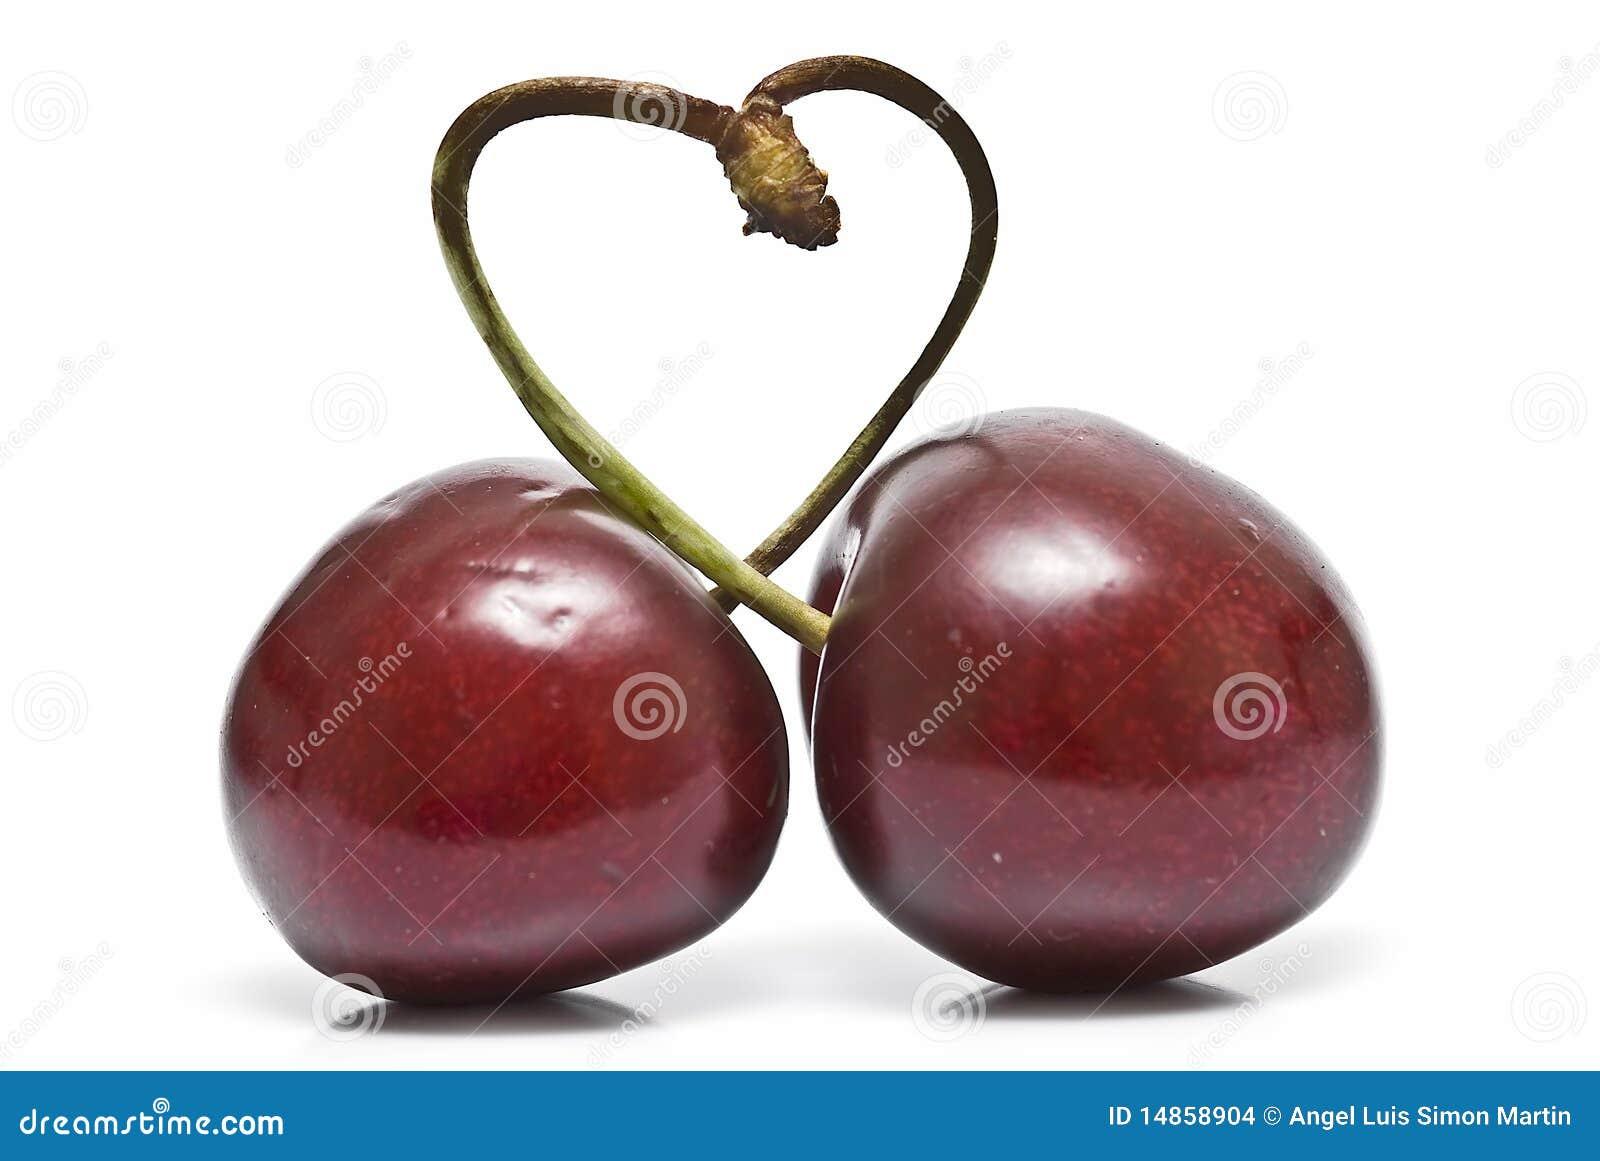 A cherry heart.